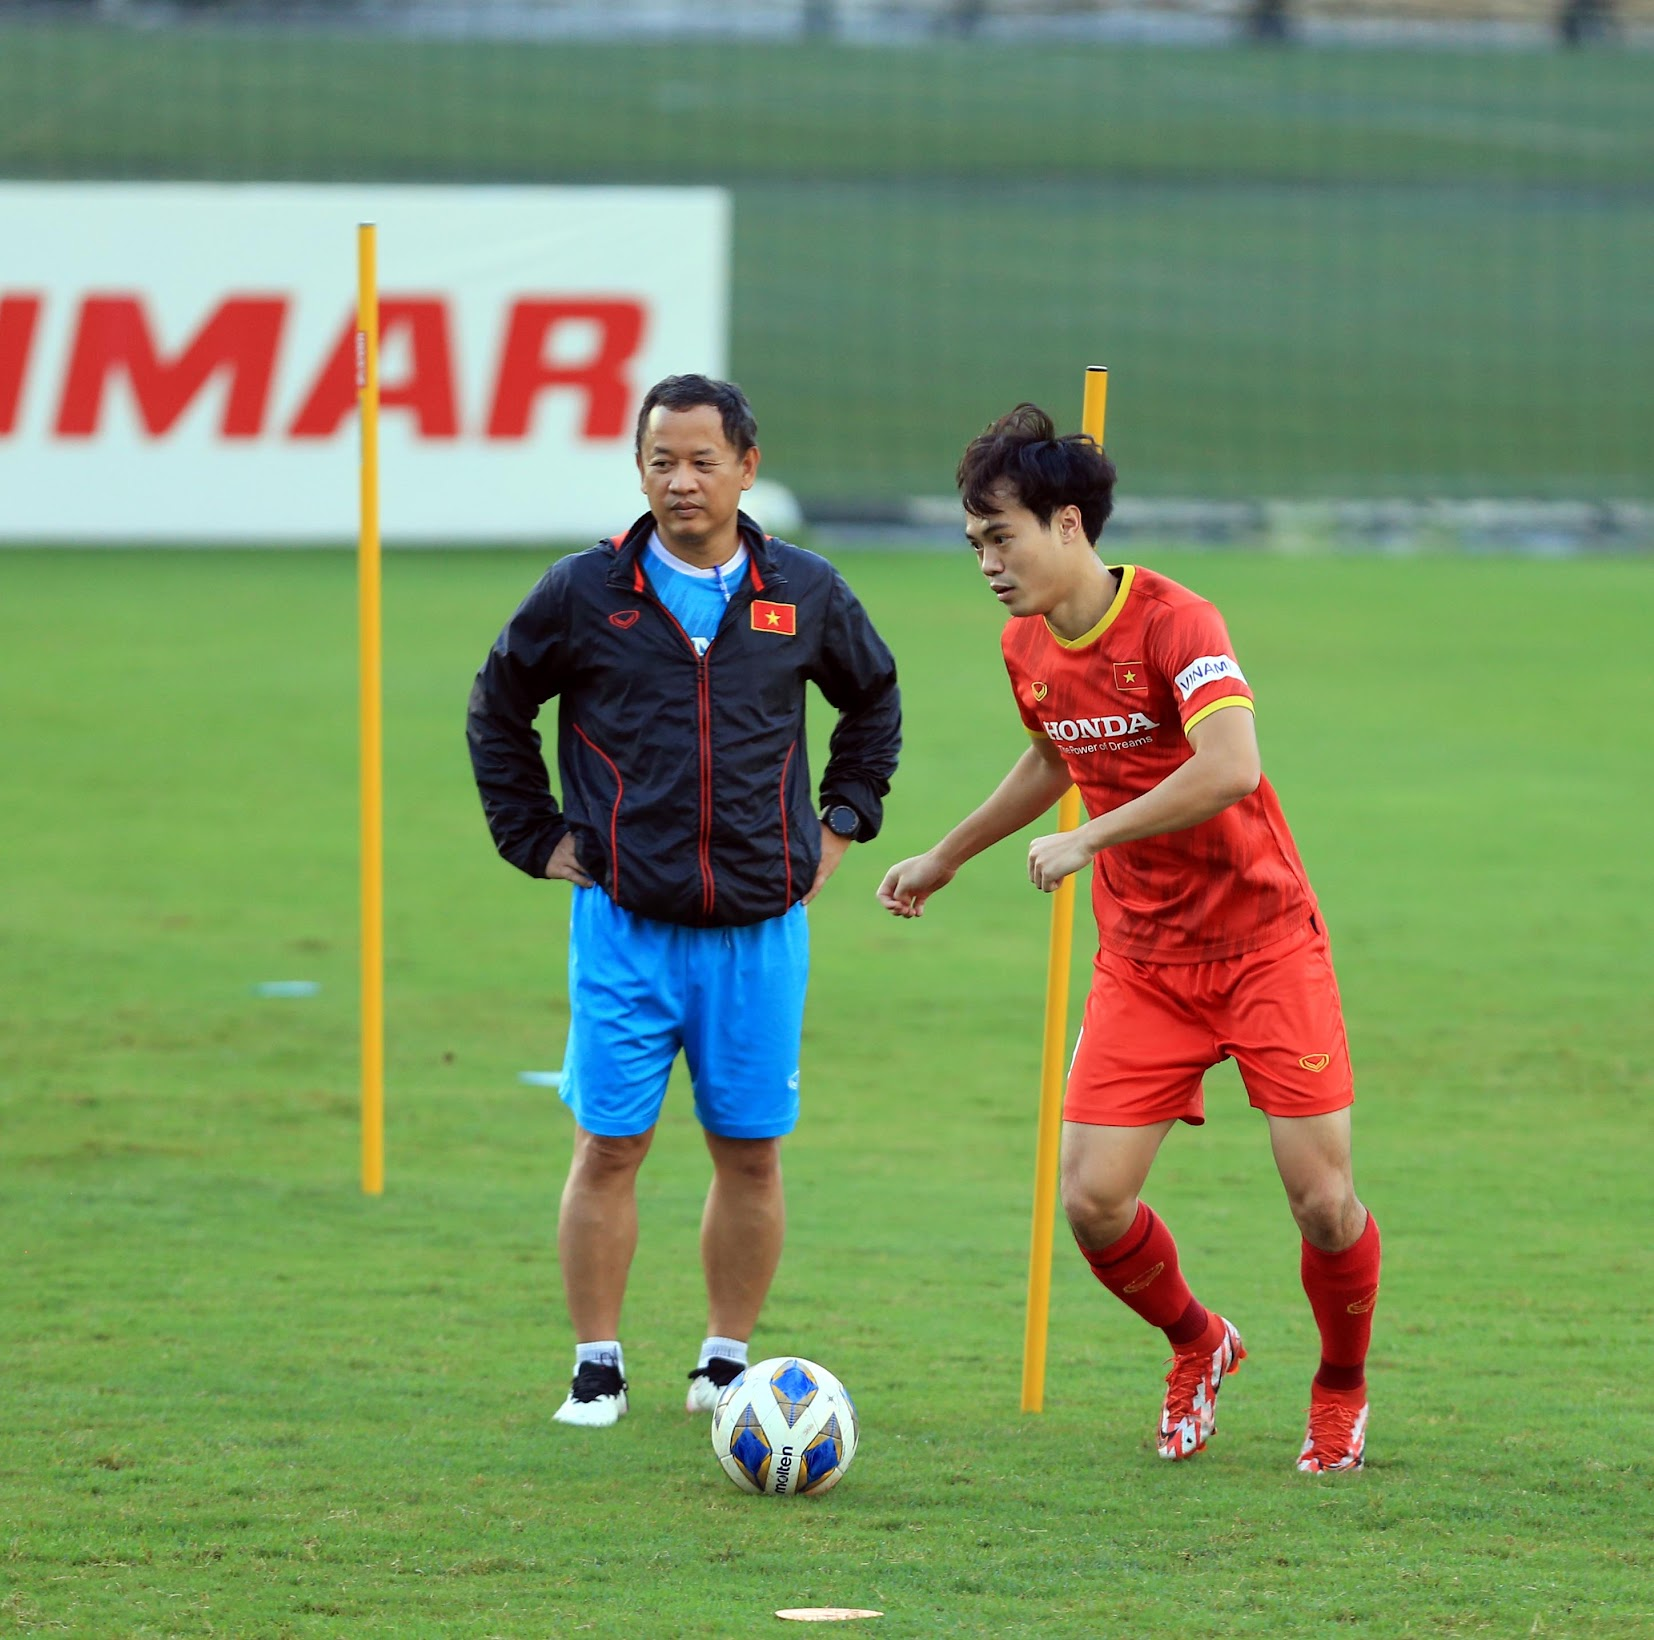 Tuấn Anh và đồng đội hào hứng khi trở thành thủ môn bất đắc dĩ cho tuyển Việt Nam - ảnh 29